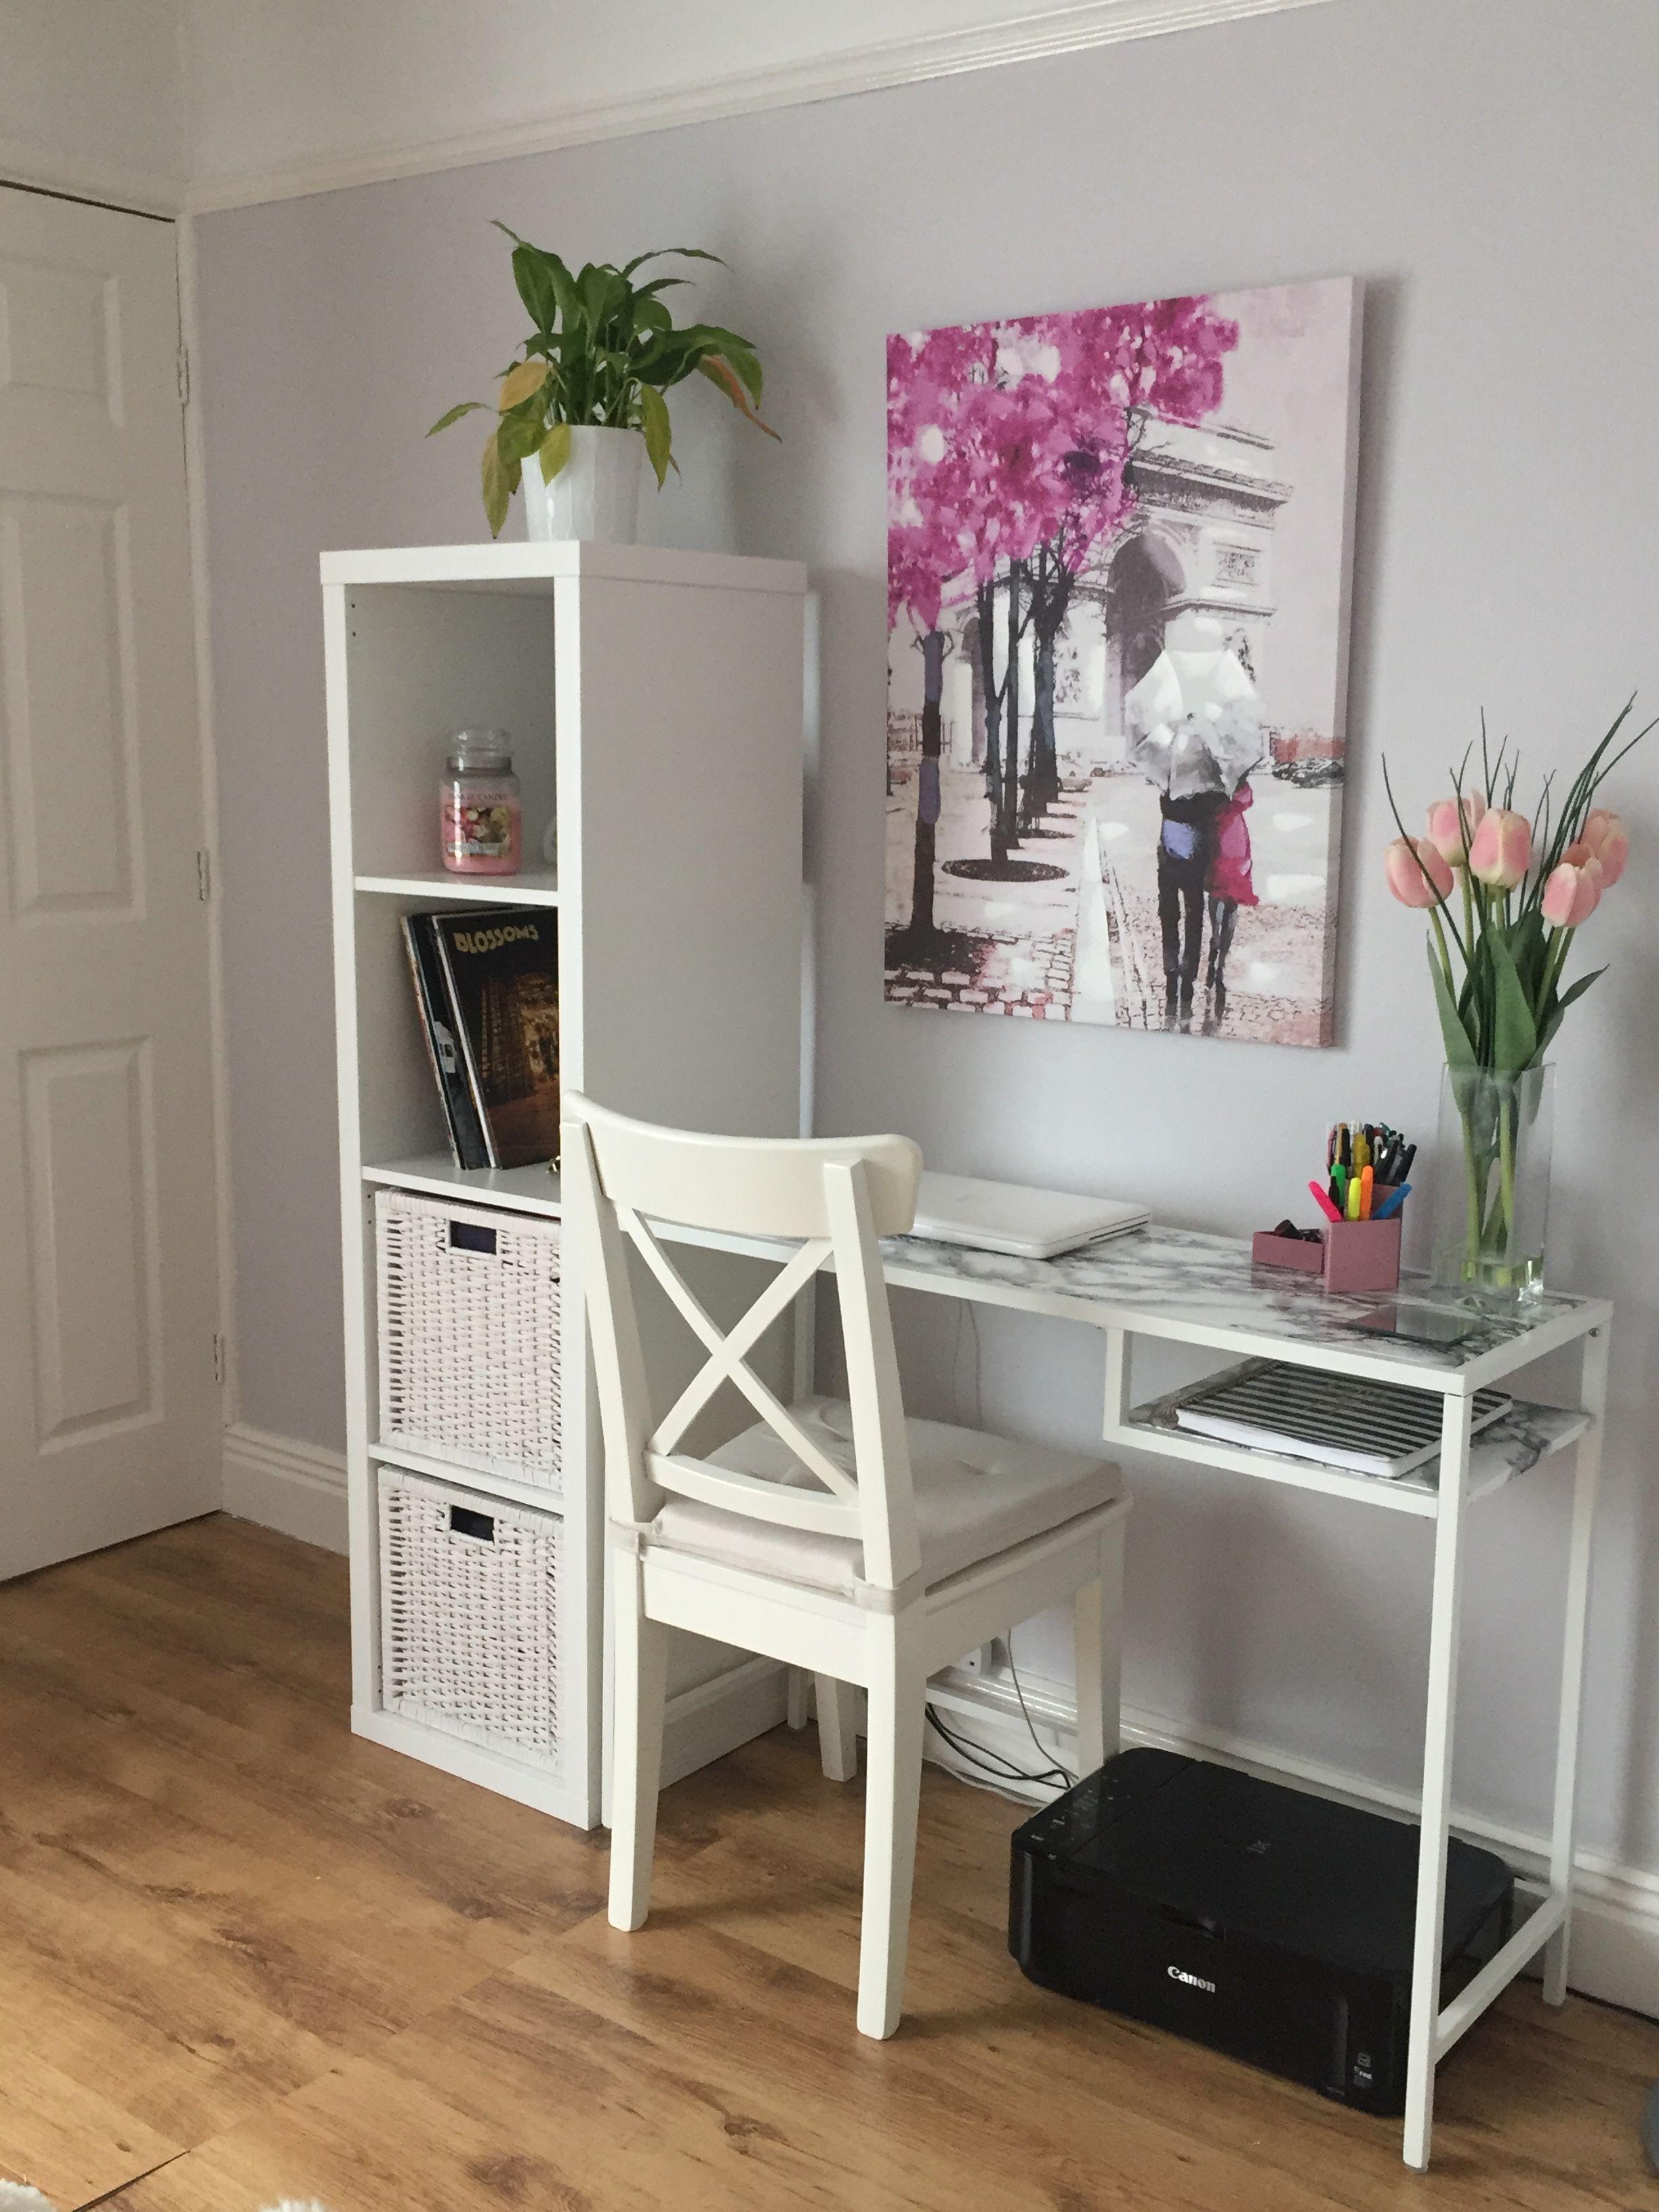 Ikea Hack Vittsjo Desk Marble Desk In Living Room Home Office Decor Home Decor